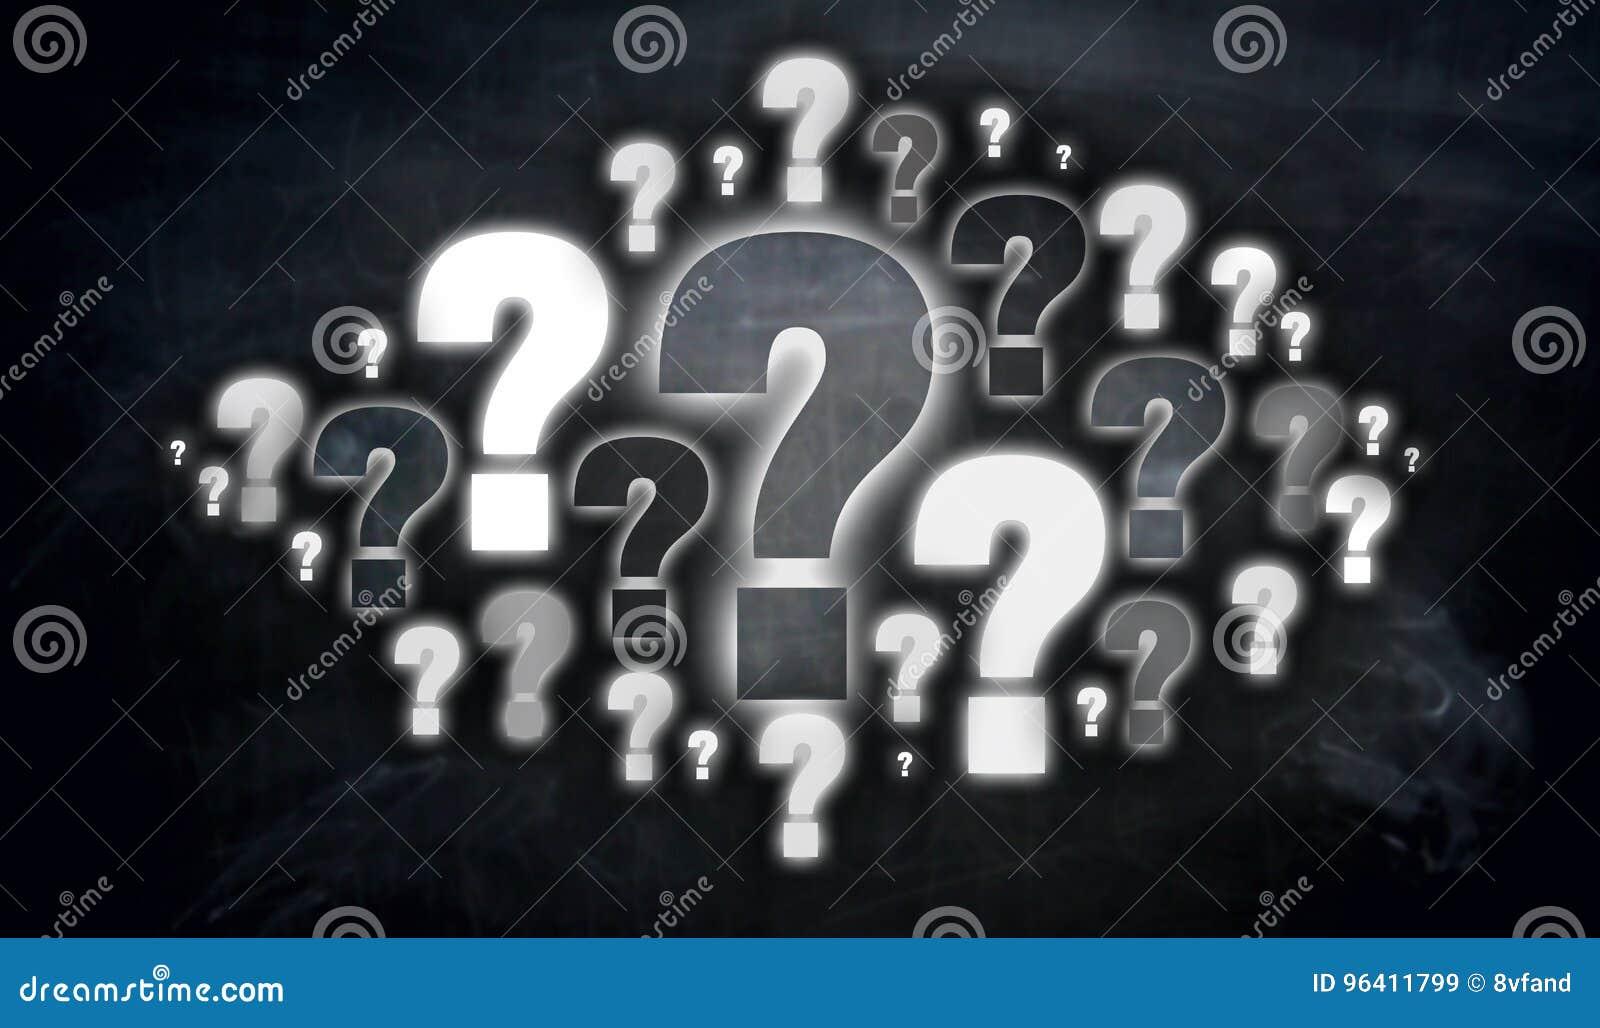 Question mark cloud Concept visualization